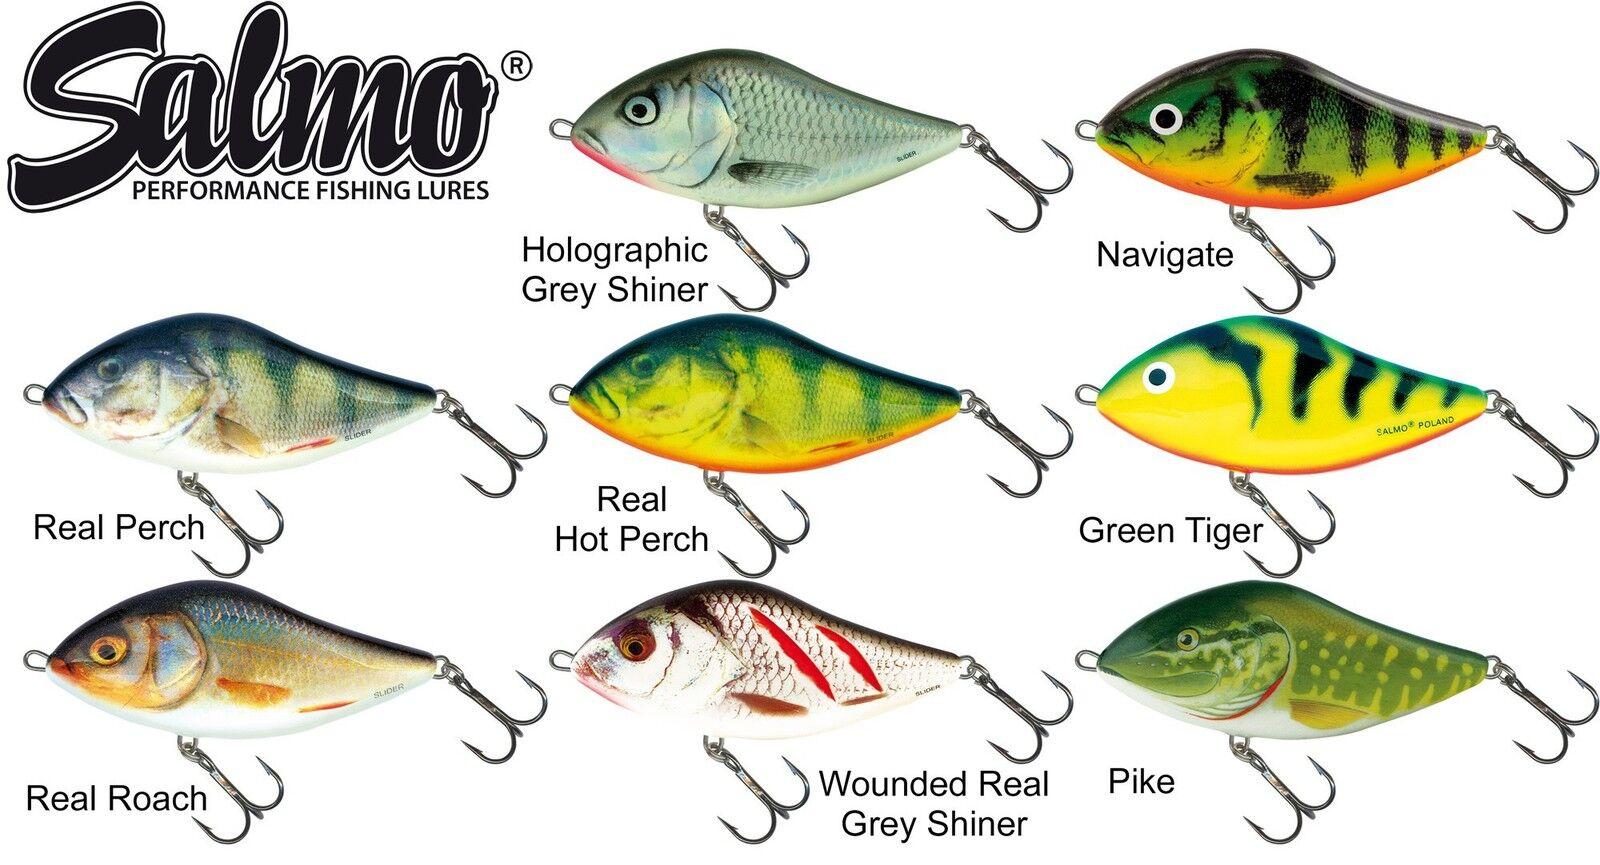 8 8 8 salmo slider jerkbaits 5cm 8g aproxlmando, arte cebo para spinnfischen, cucharilla e23027